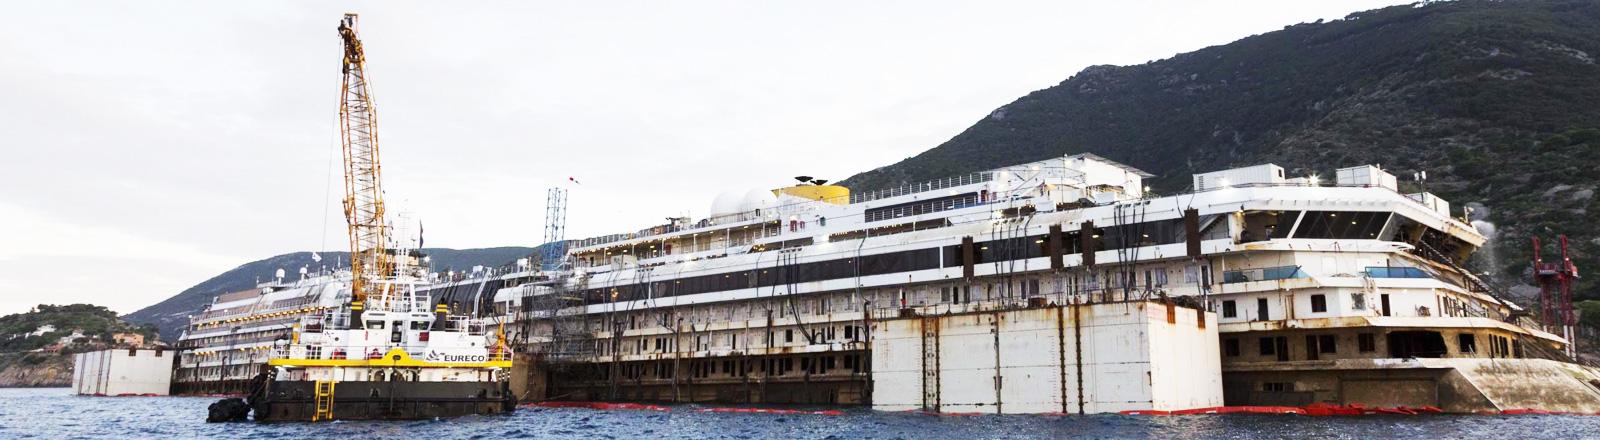 Die Costa Concordia wird für den Abtransport vorbereitet (dpa).